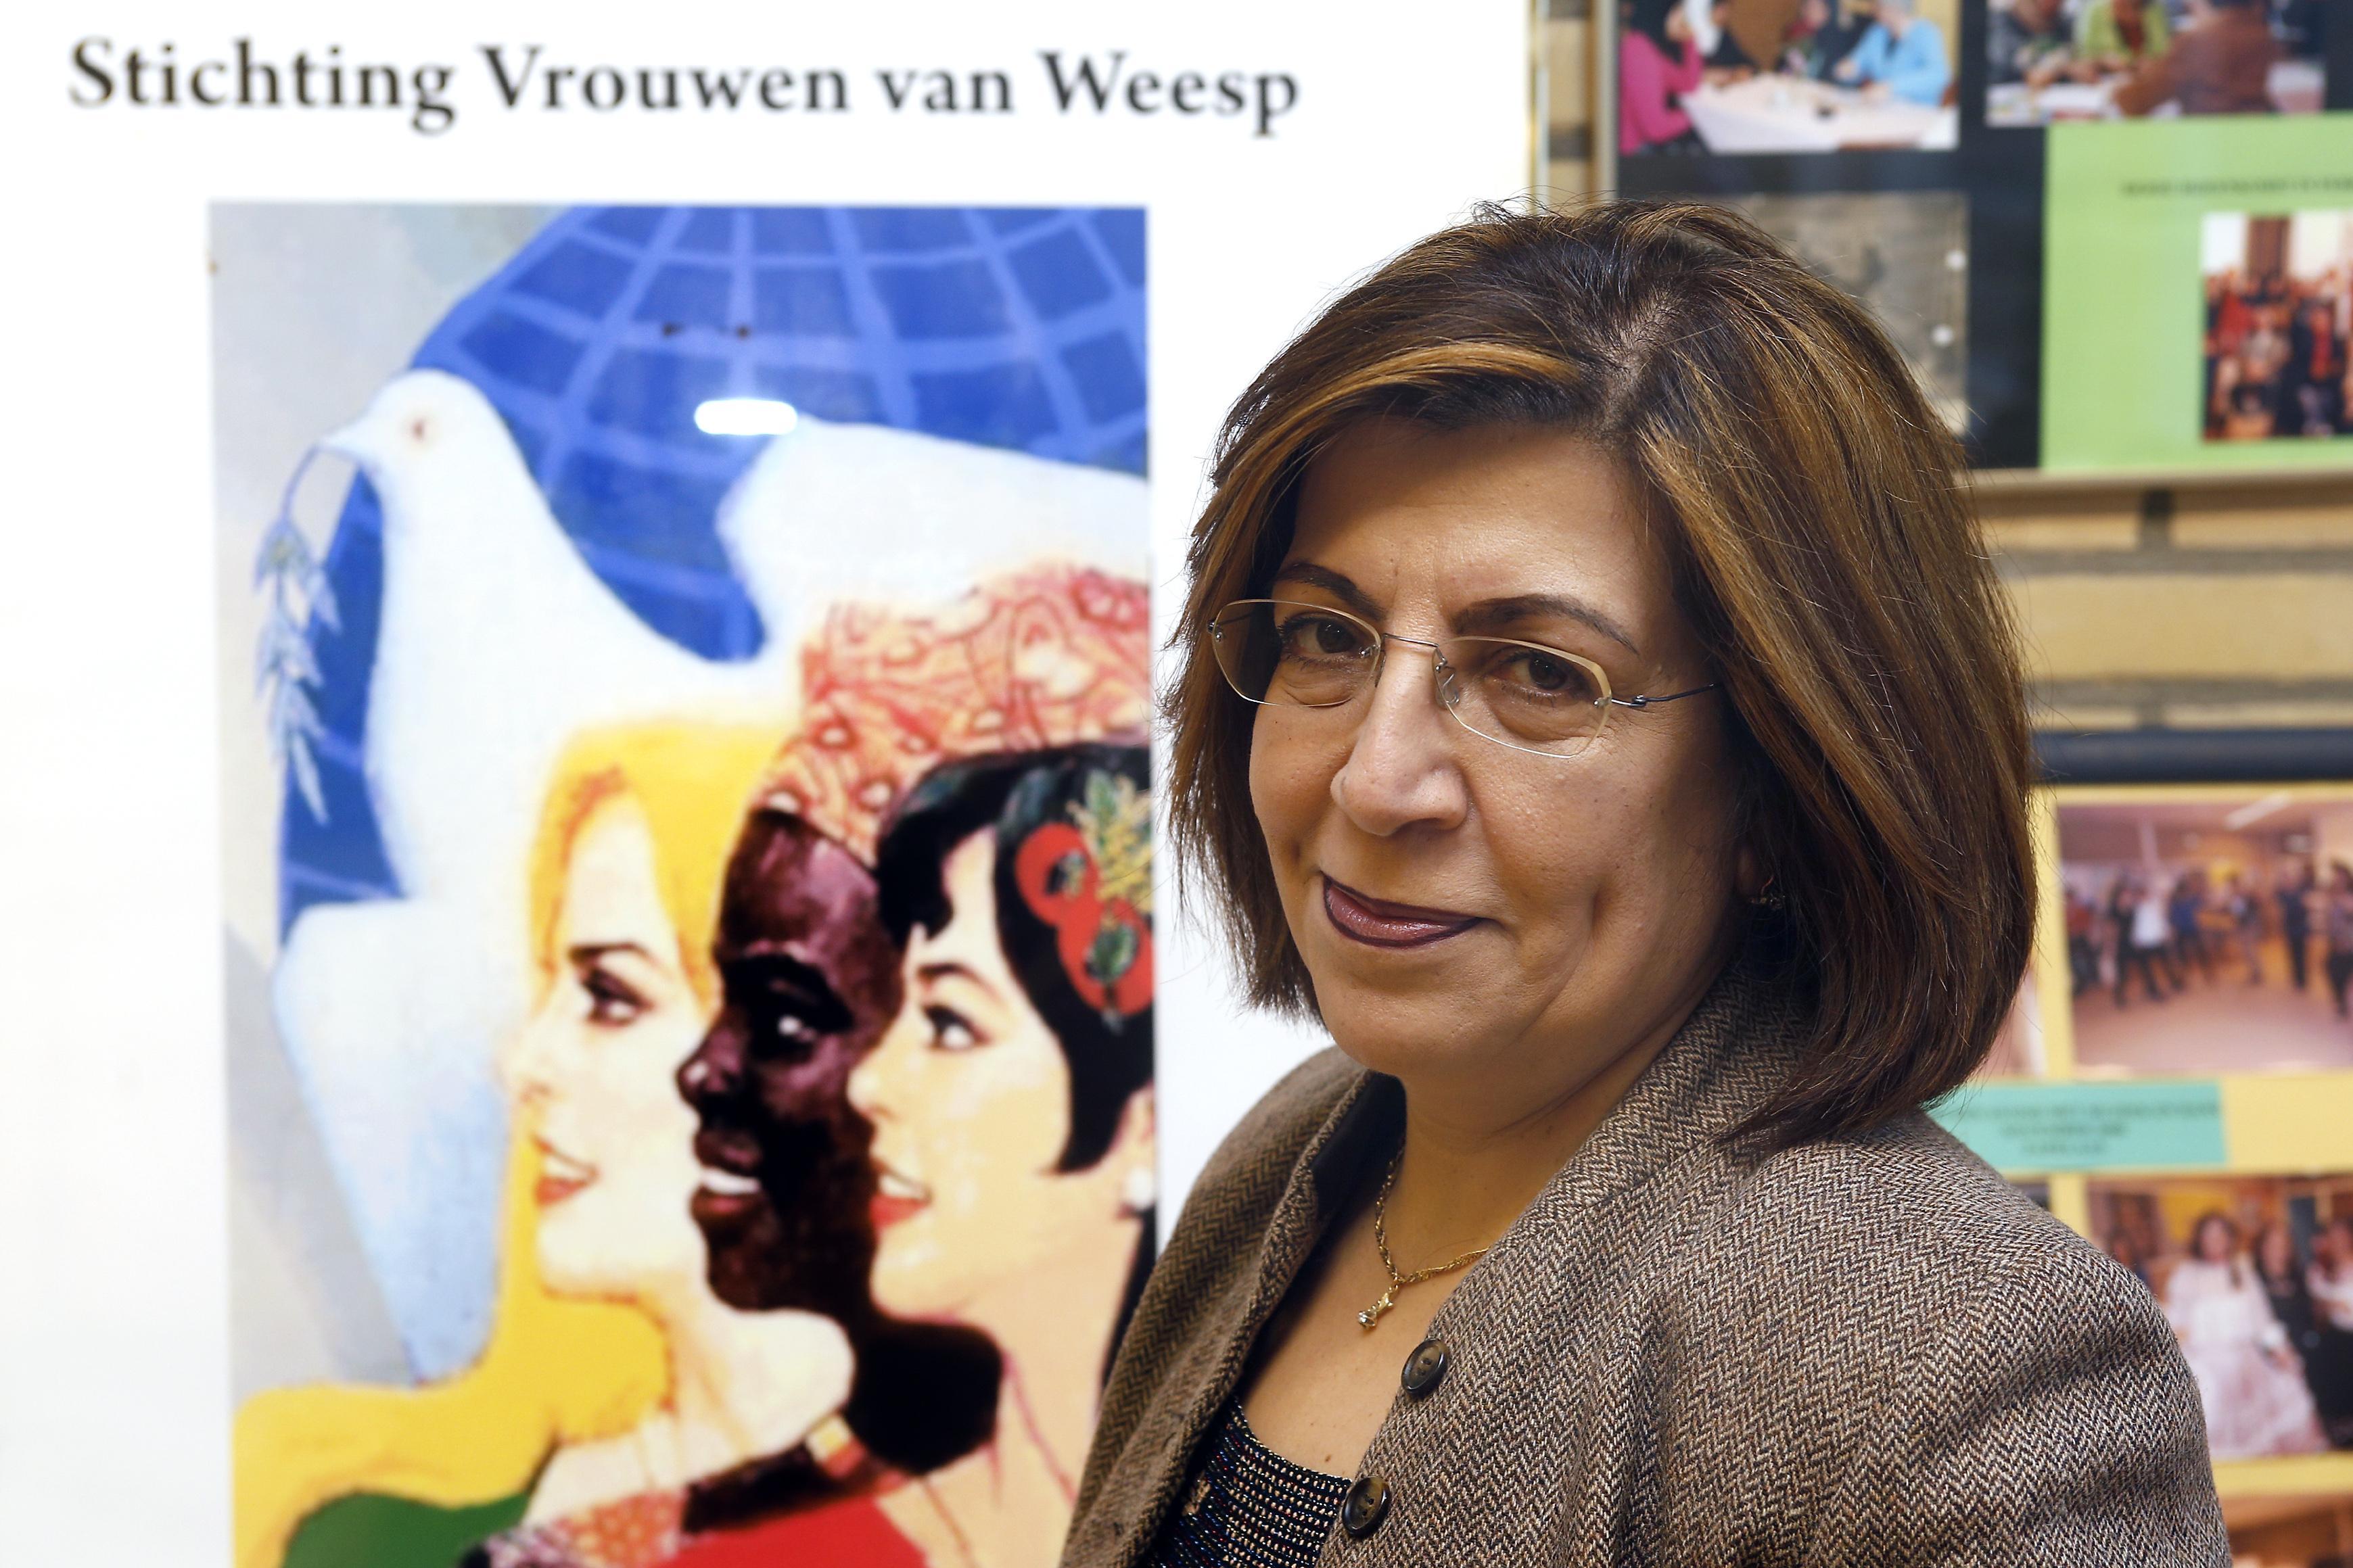 Stichting Vrouwen van Weesp vraagt aandacht voor ontbreken internationale schakelklas in de Vechtstad, gezinnen van vluchtelingen voelen zich 'somber en verdrietig'